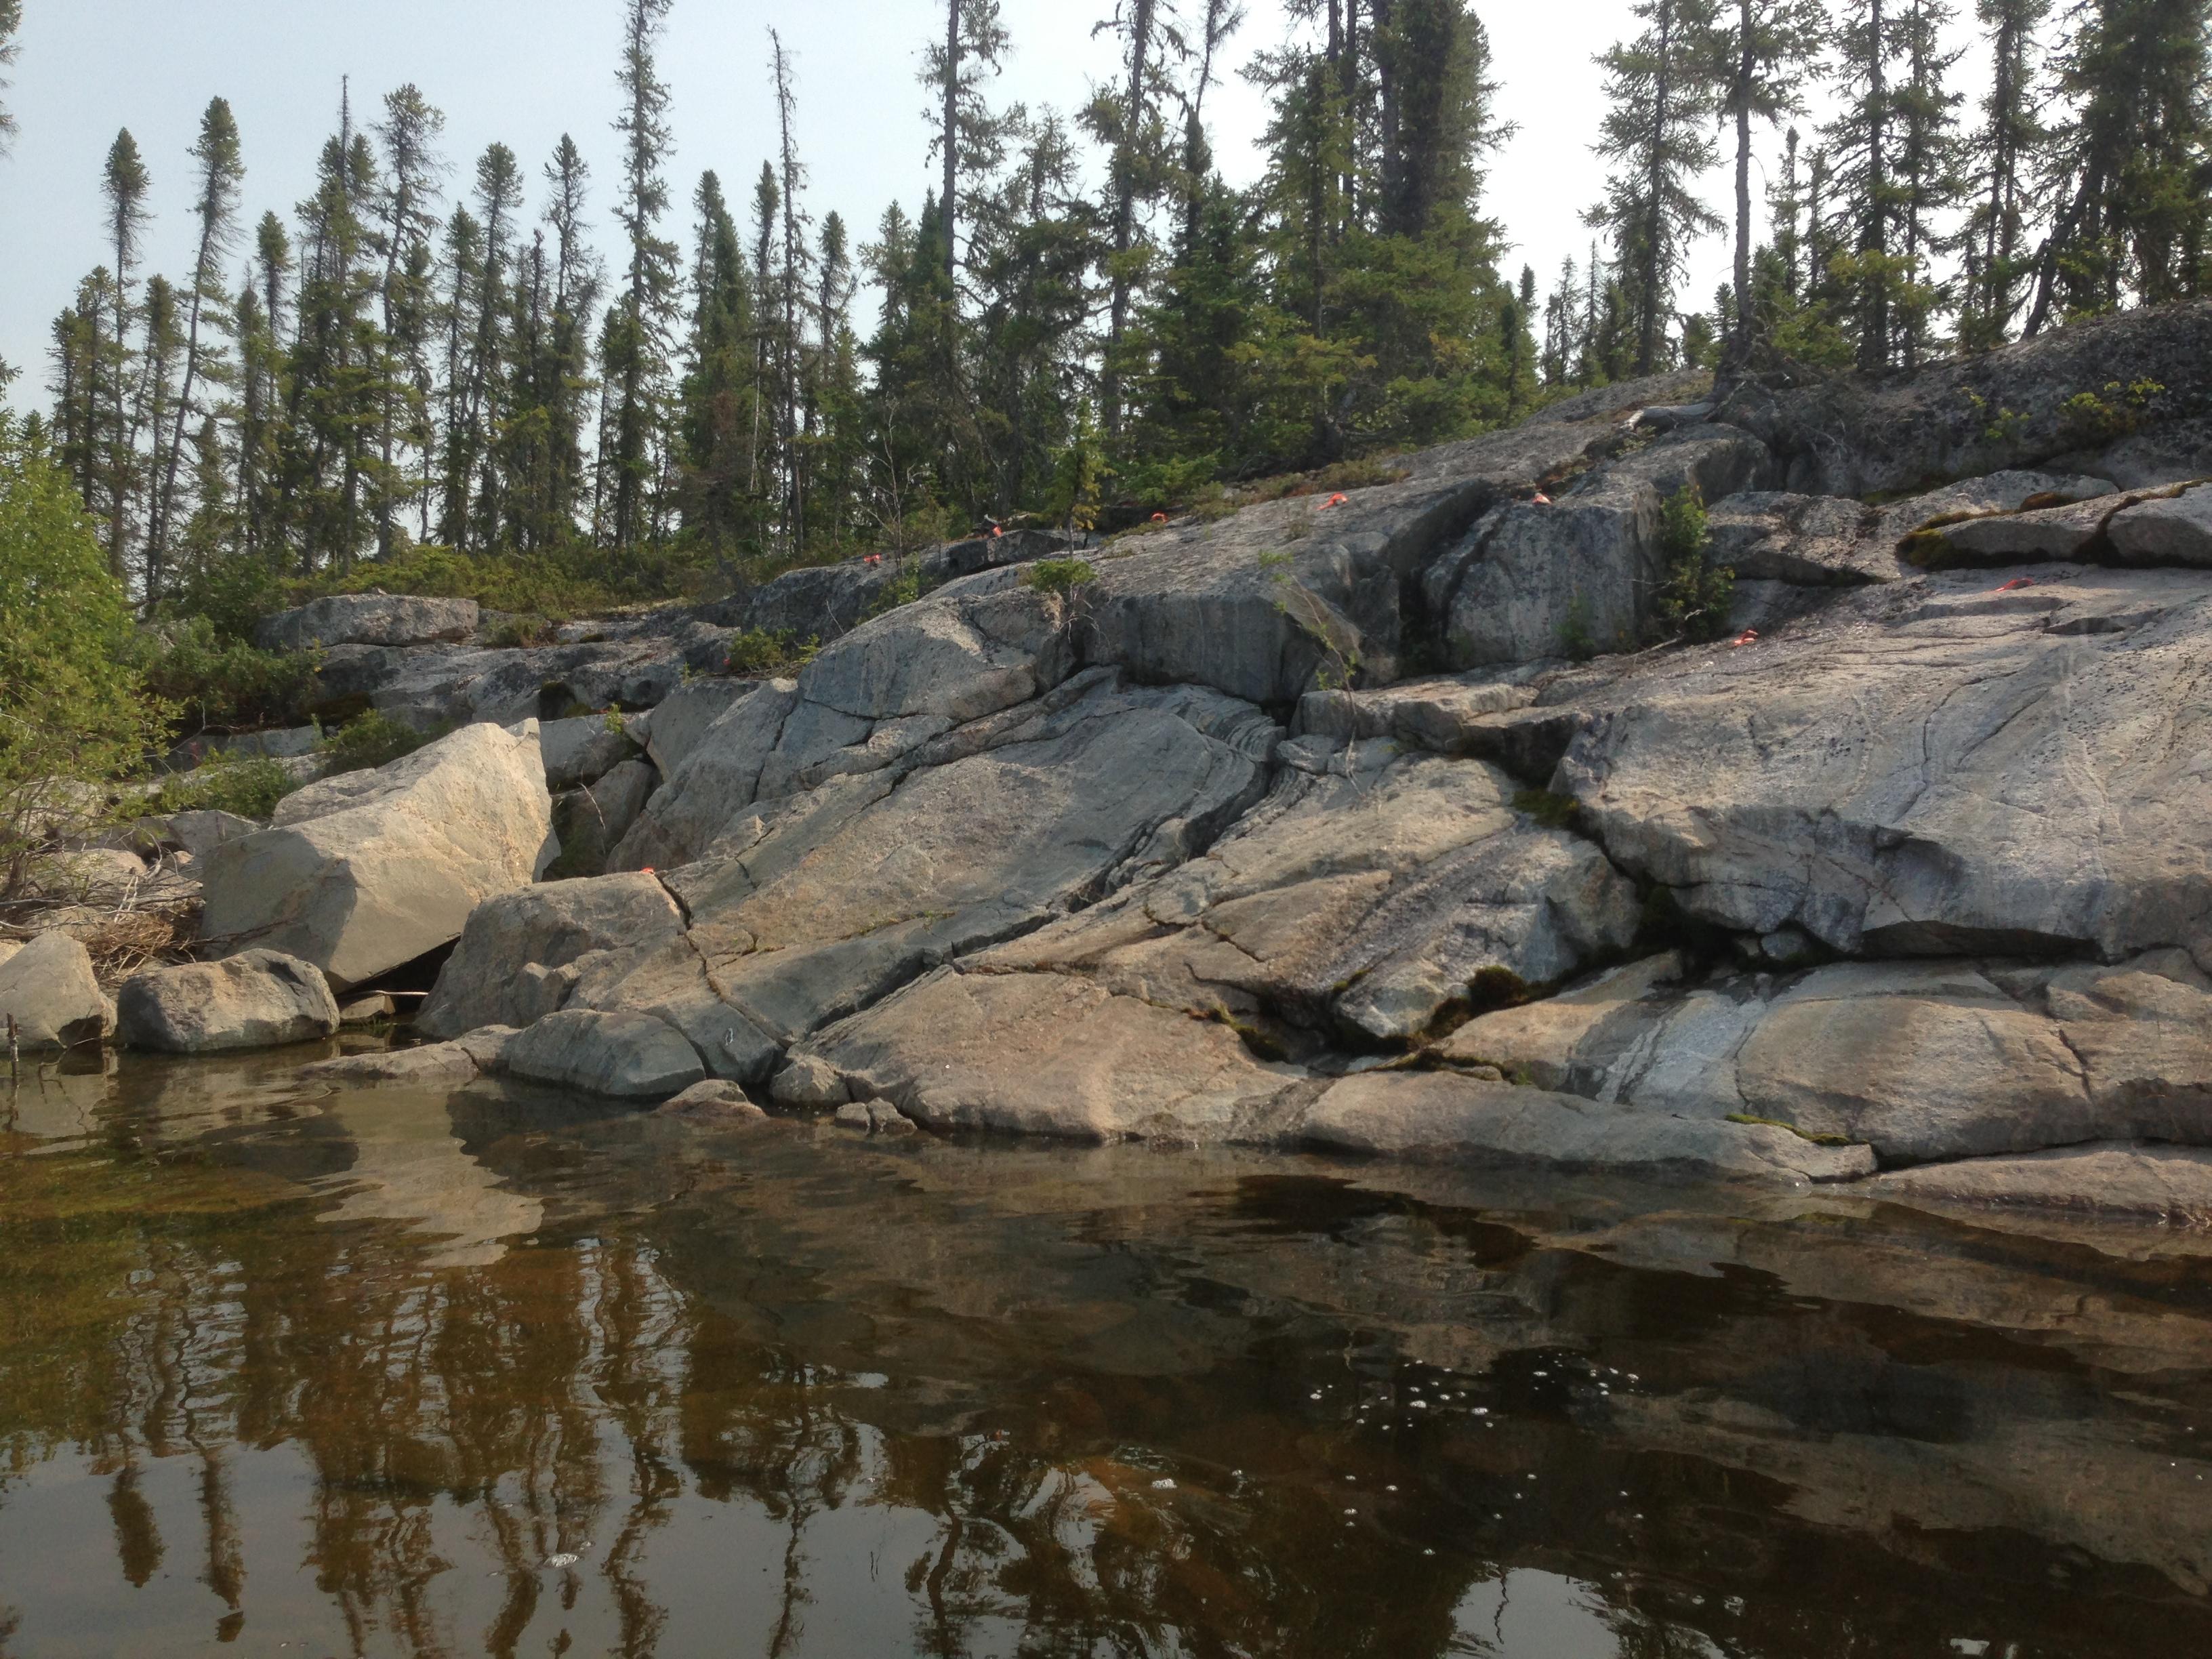 Photo of Granite taken at Northern Indian Lake.